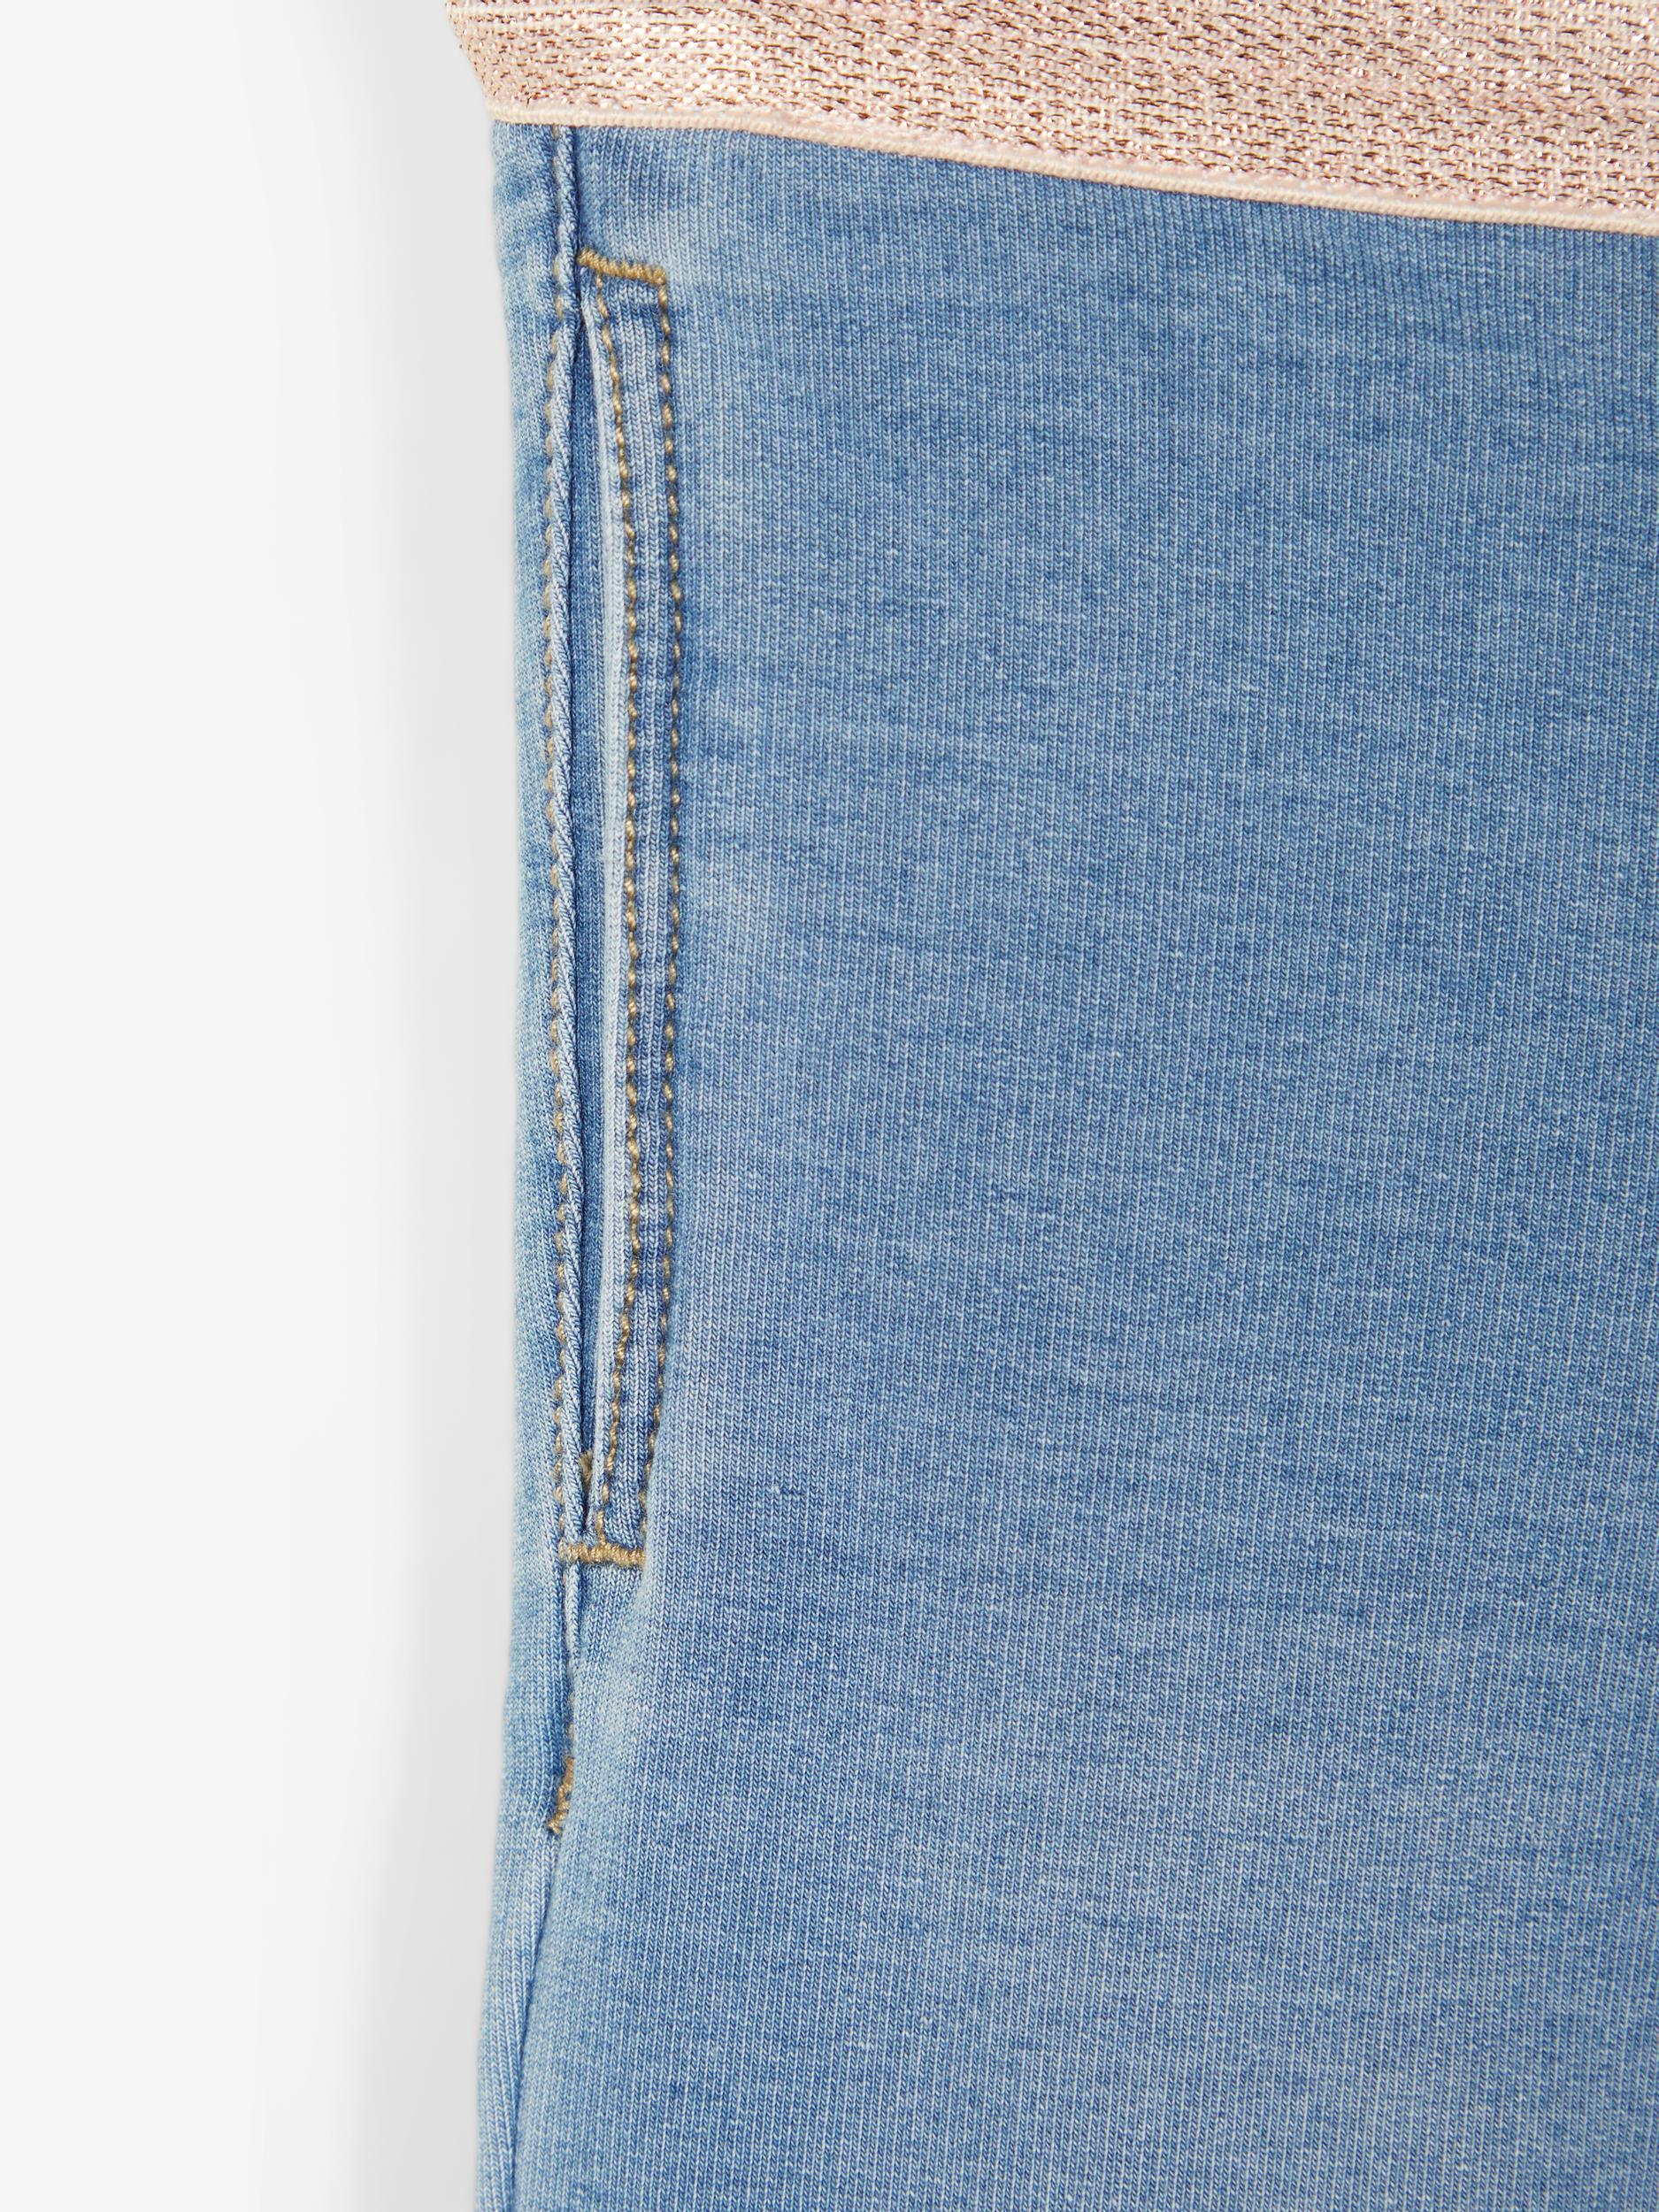 Name It Salli Sweat leggings, medium blue denim, 80